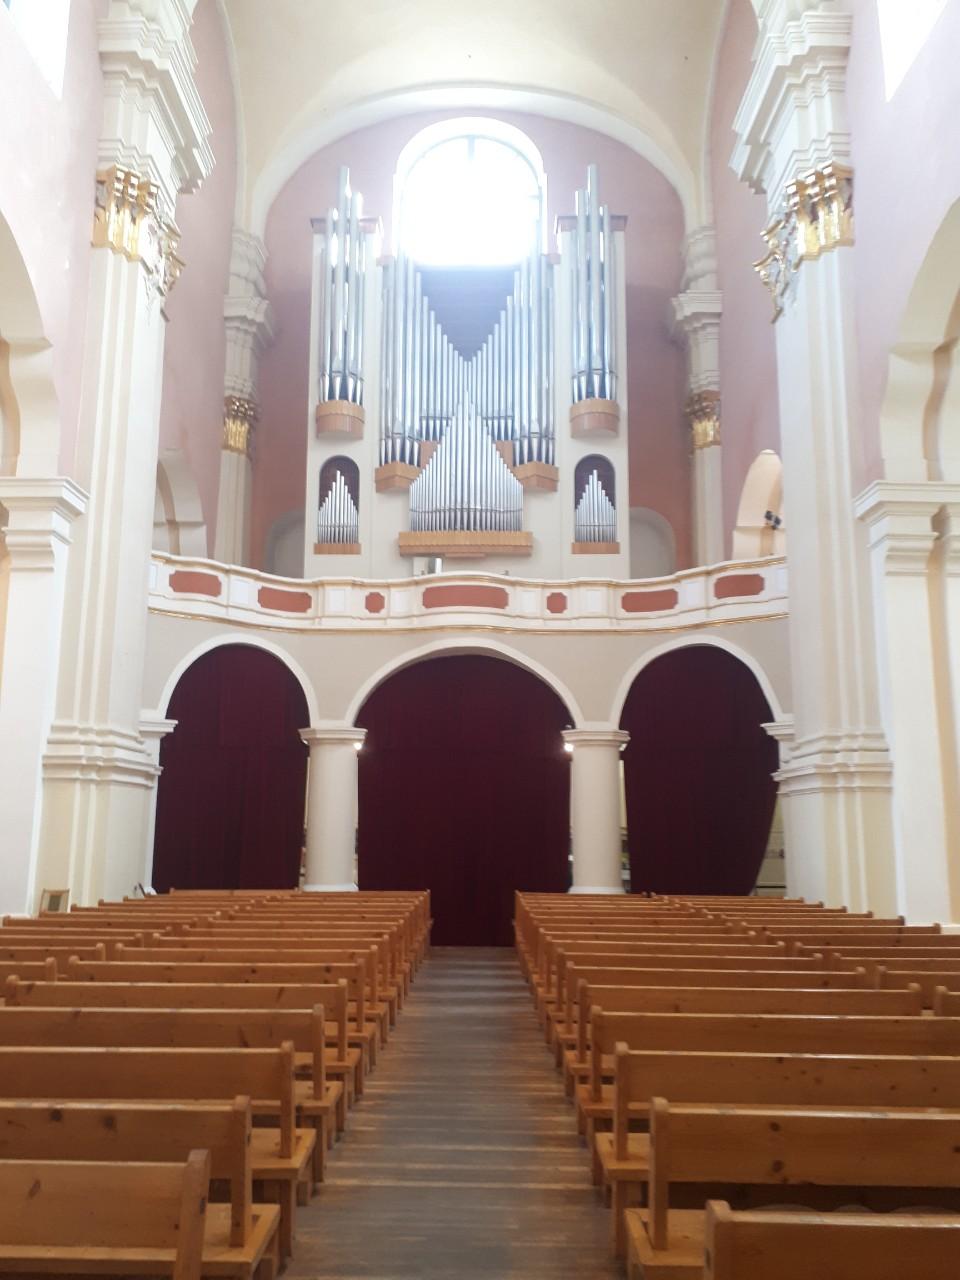 image 0 02 04 8c3a07ba60e881421fabde916116f2b3b10bc0ab9cf4df4bf50e01258440a0c7 V - Софийский собор в Полоцке